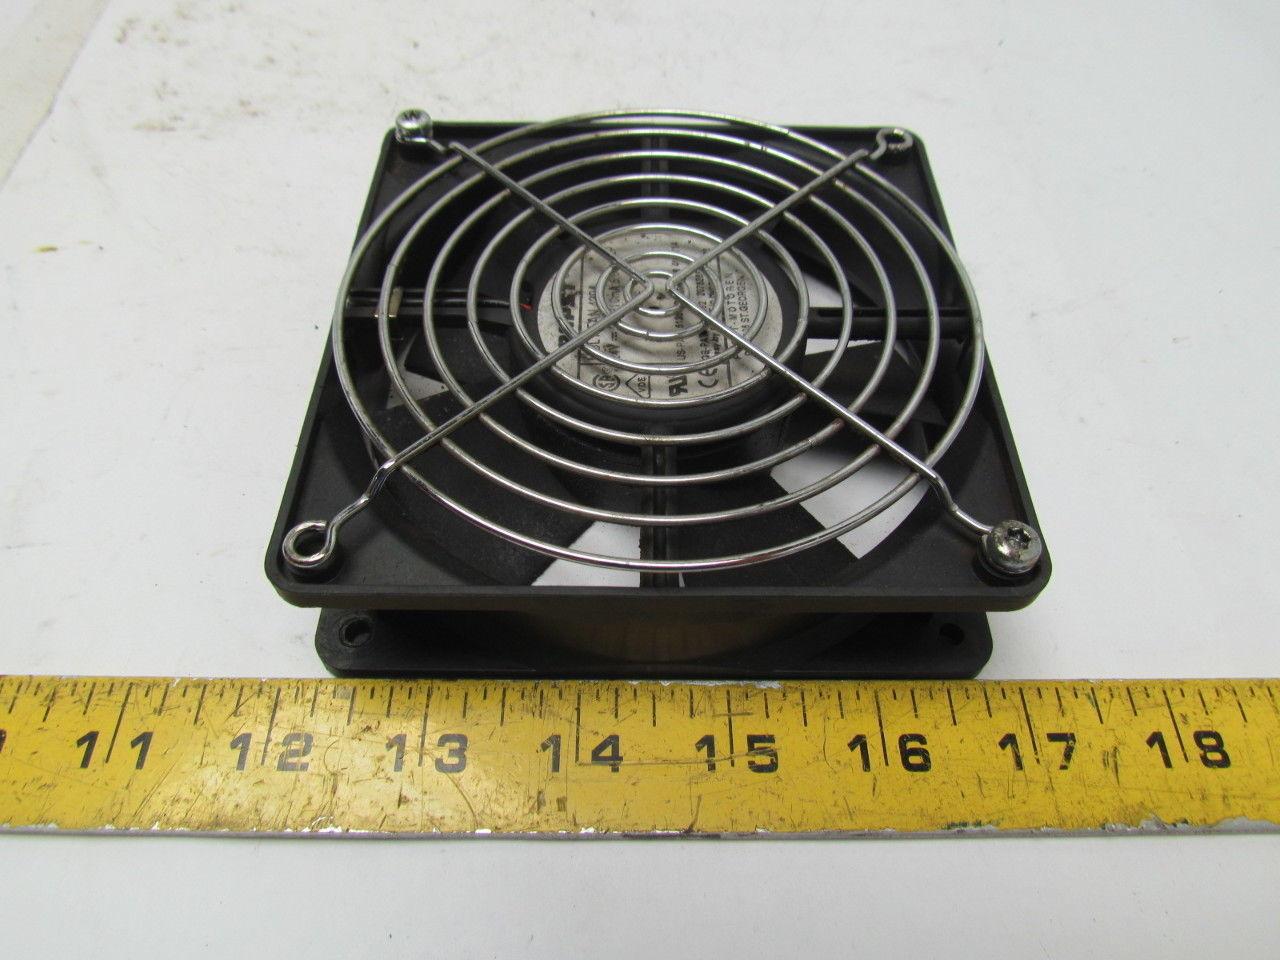 Papst 4394 Multifan 24VDC 5W